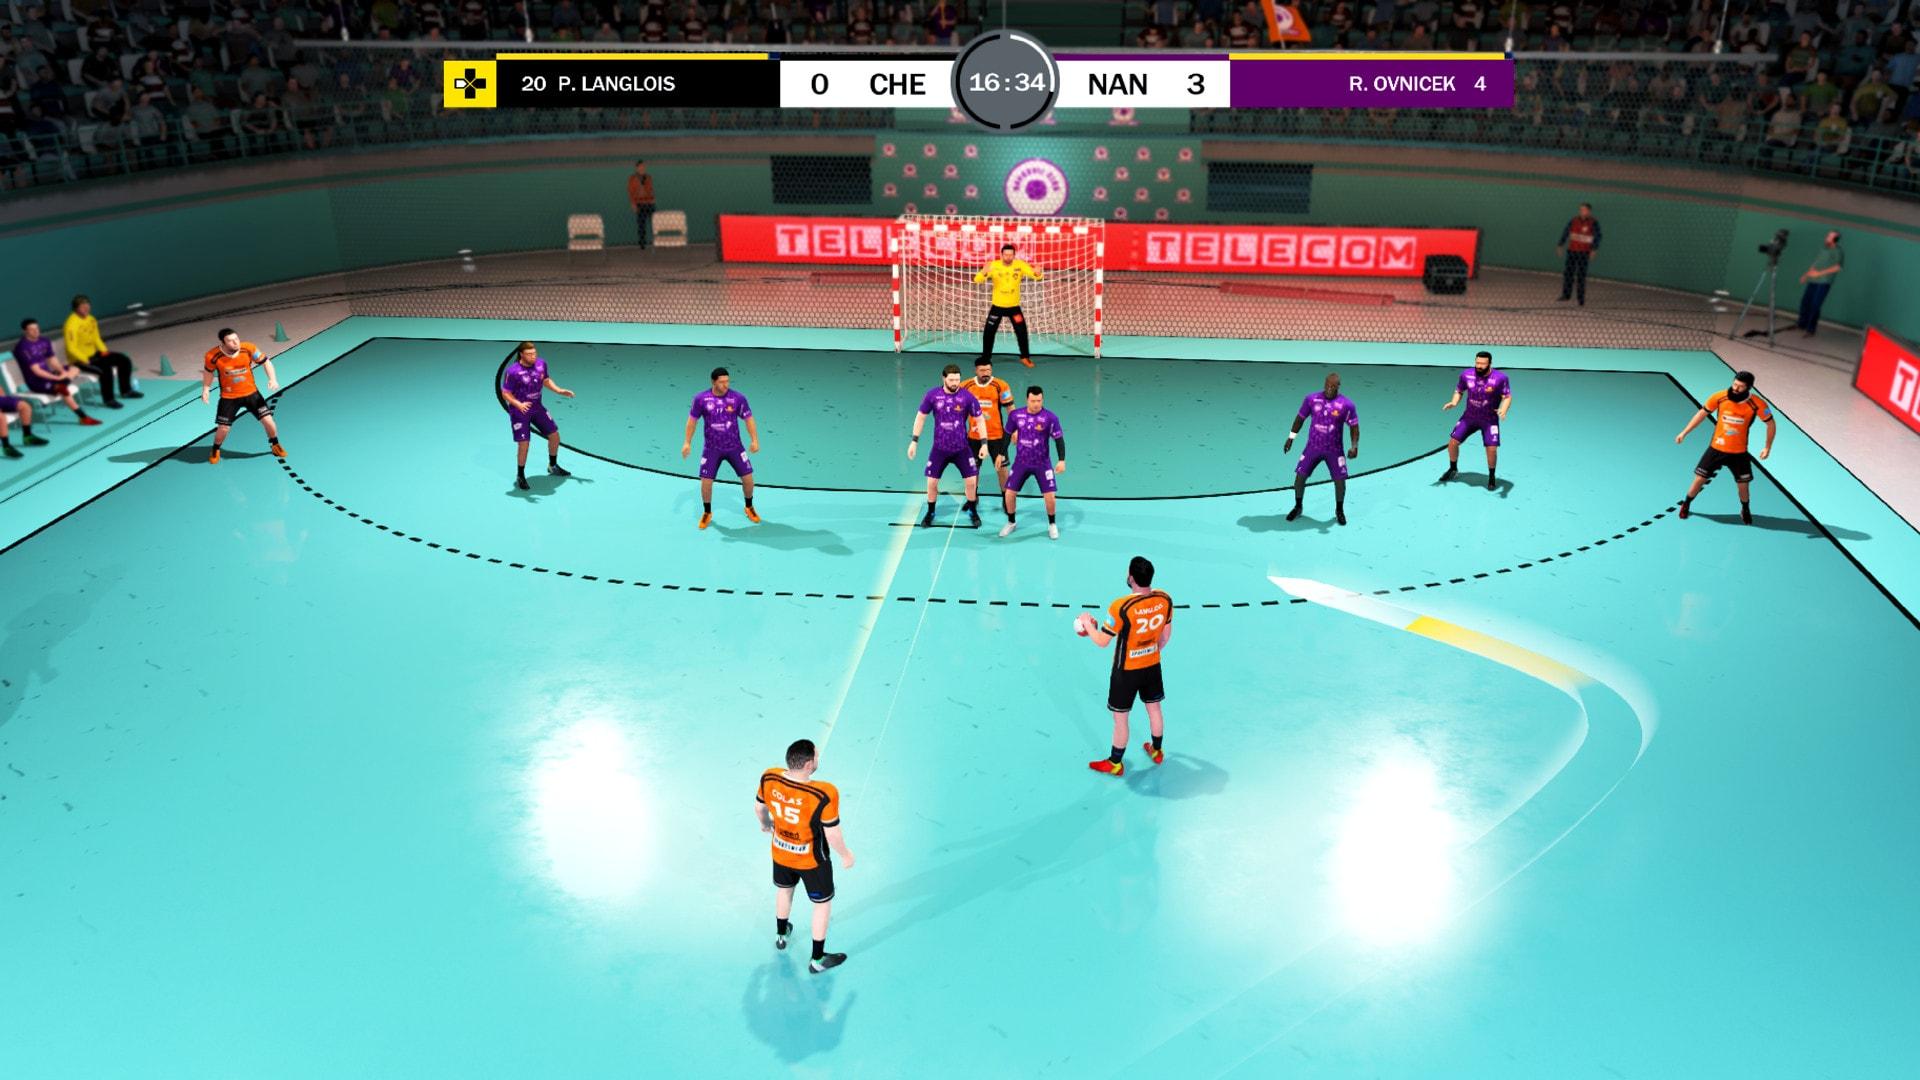 Handball 21 (PC) - Steam Gift - EUROPE - 4